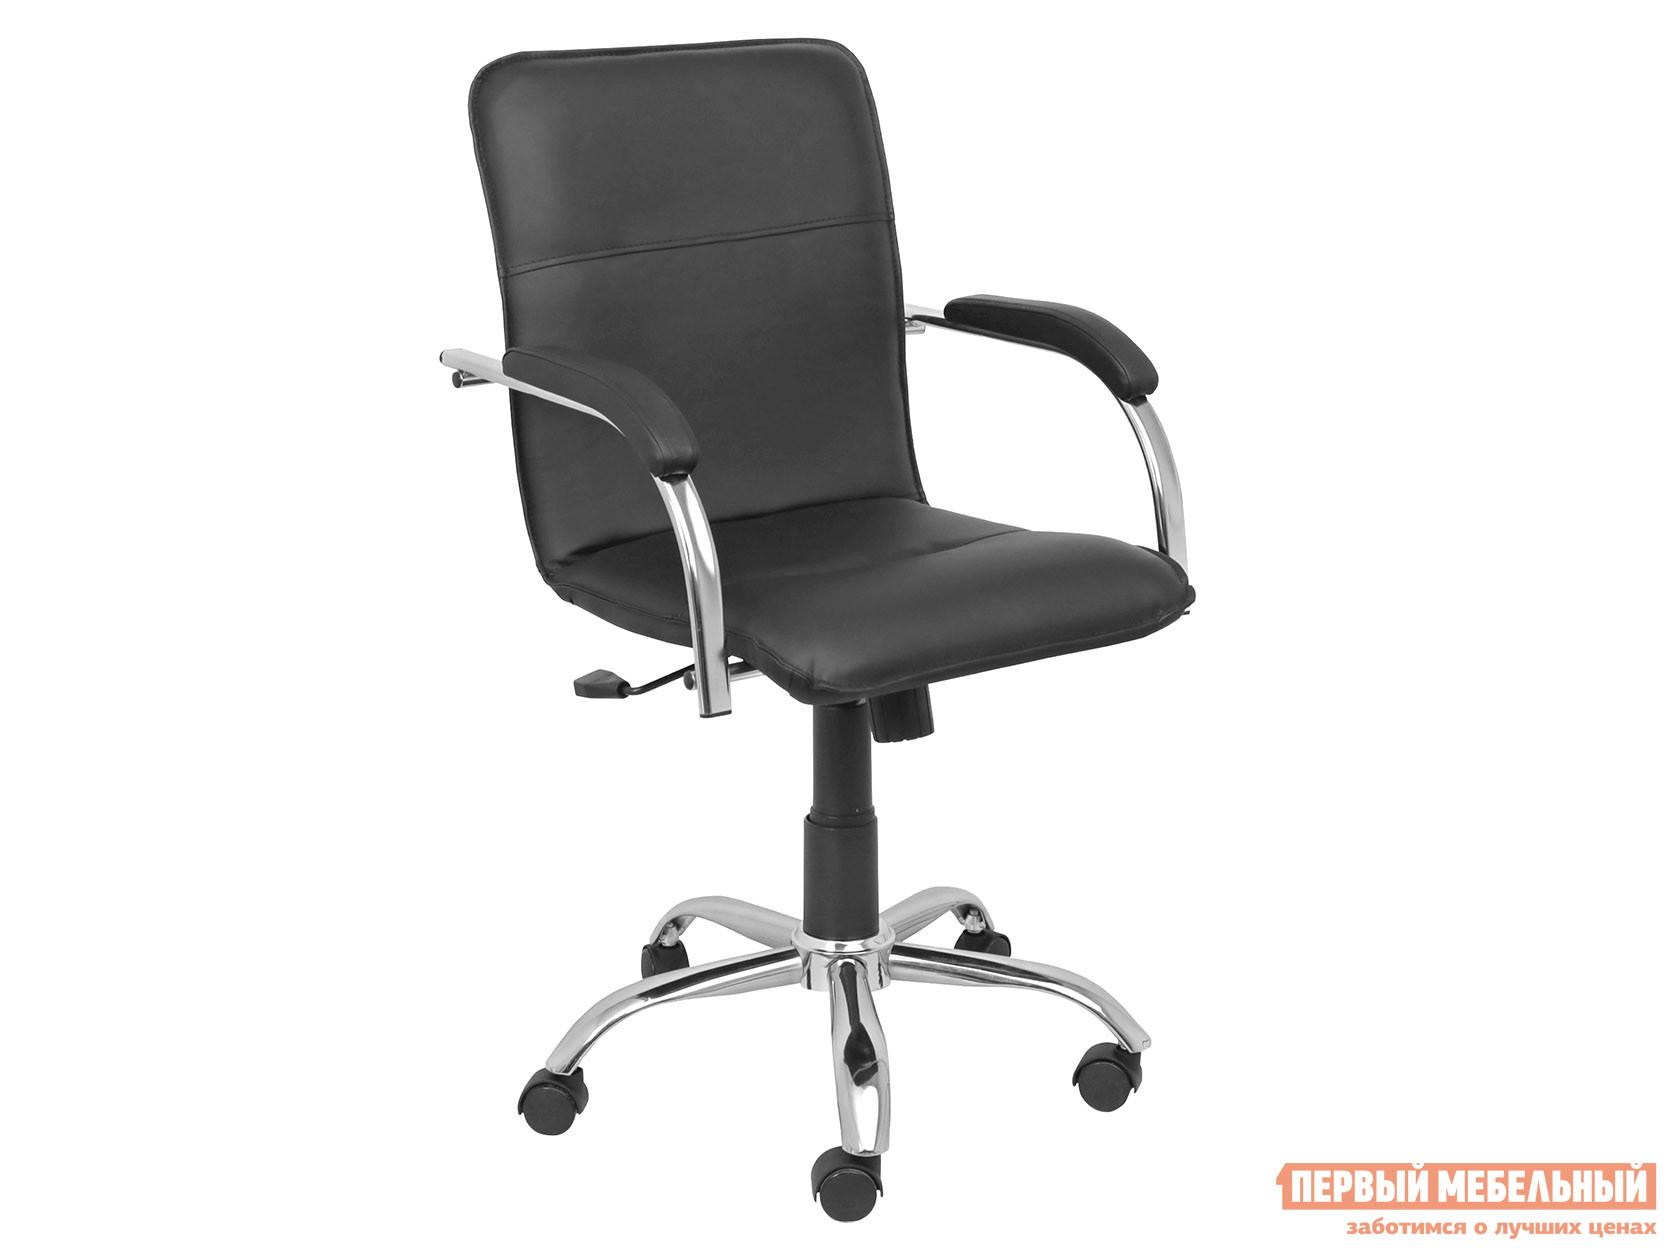 Офисное кресло  SAMBA AKS-2 Черный, экокожа, Мягкие Базистрейд 137645